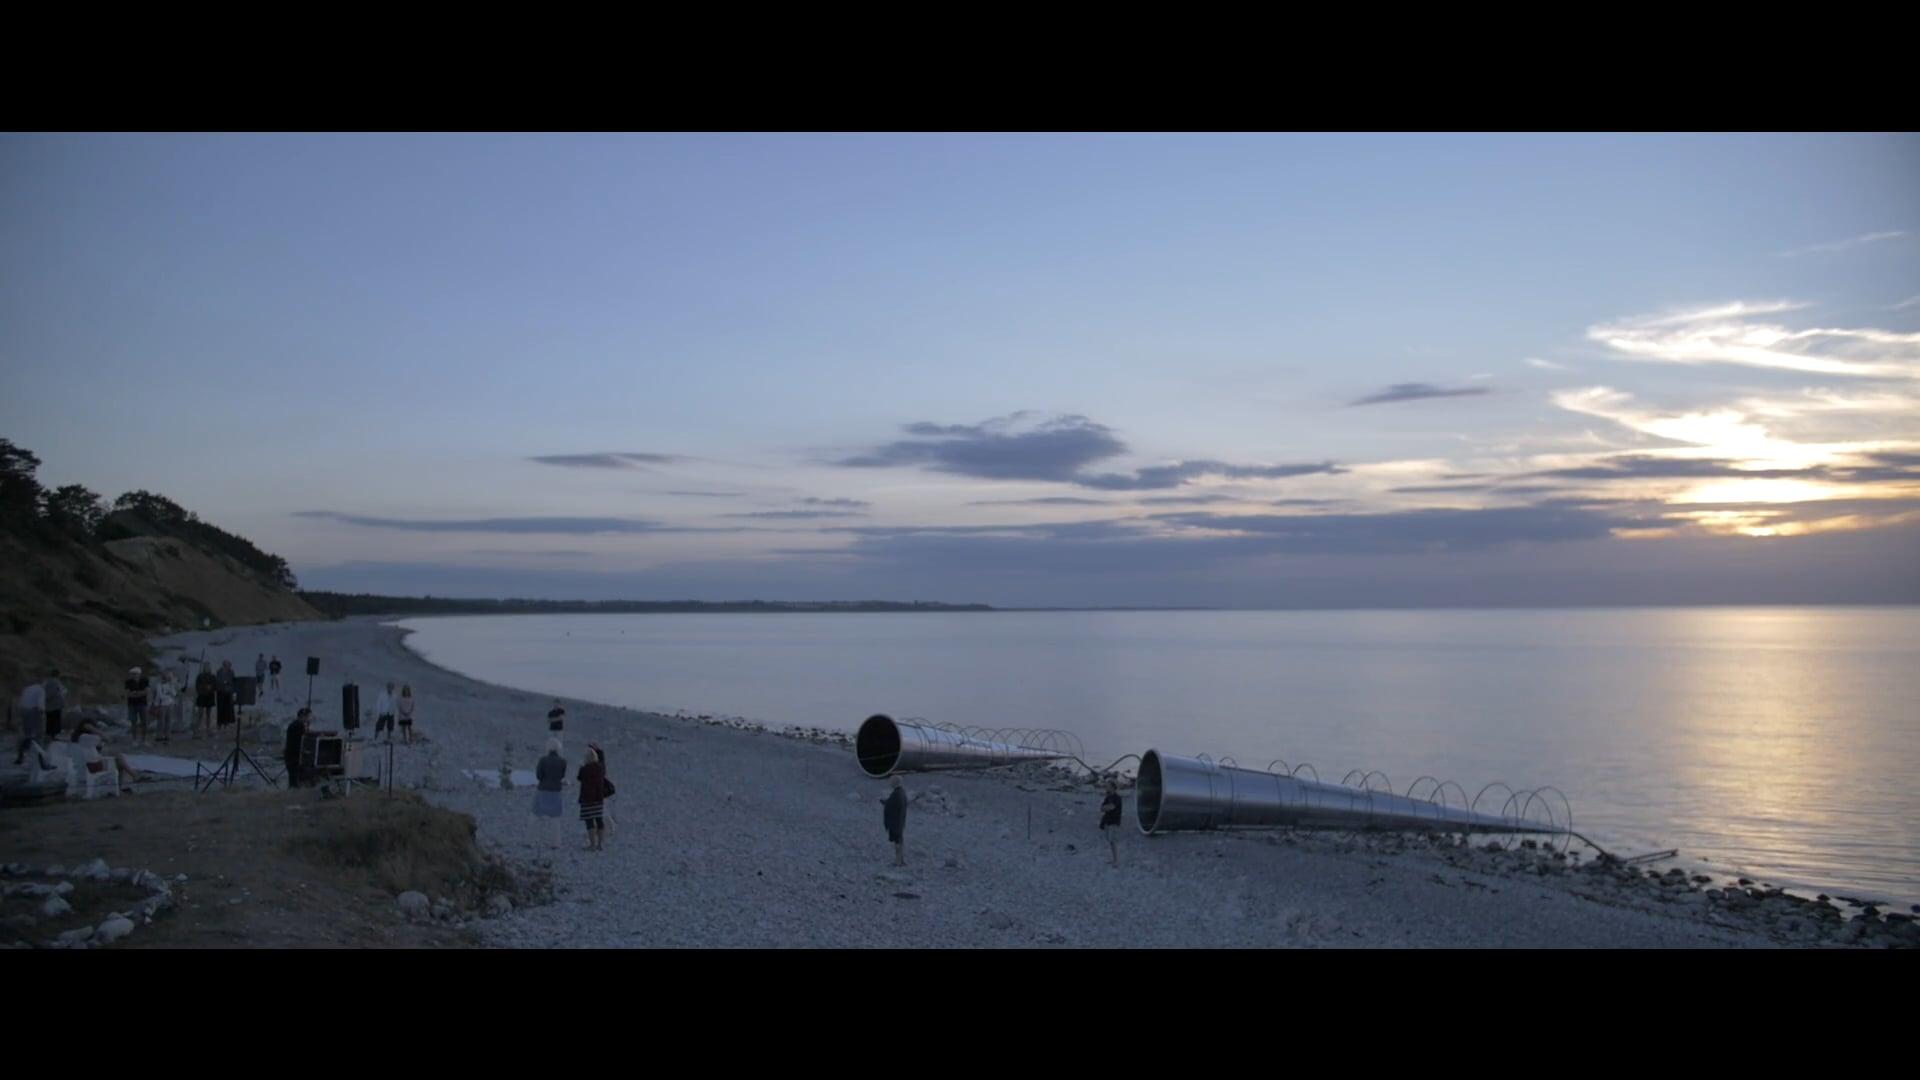 > V E R S T Ä R K E R < Part I : Nykobing, Denmark - Wolfram Spyra - live